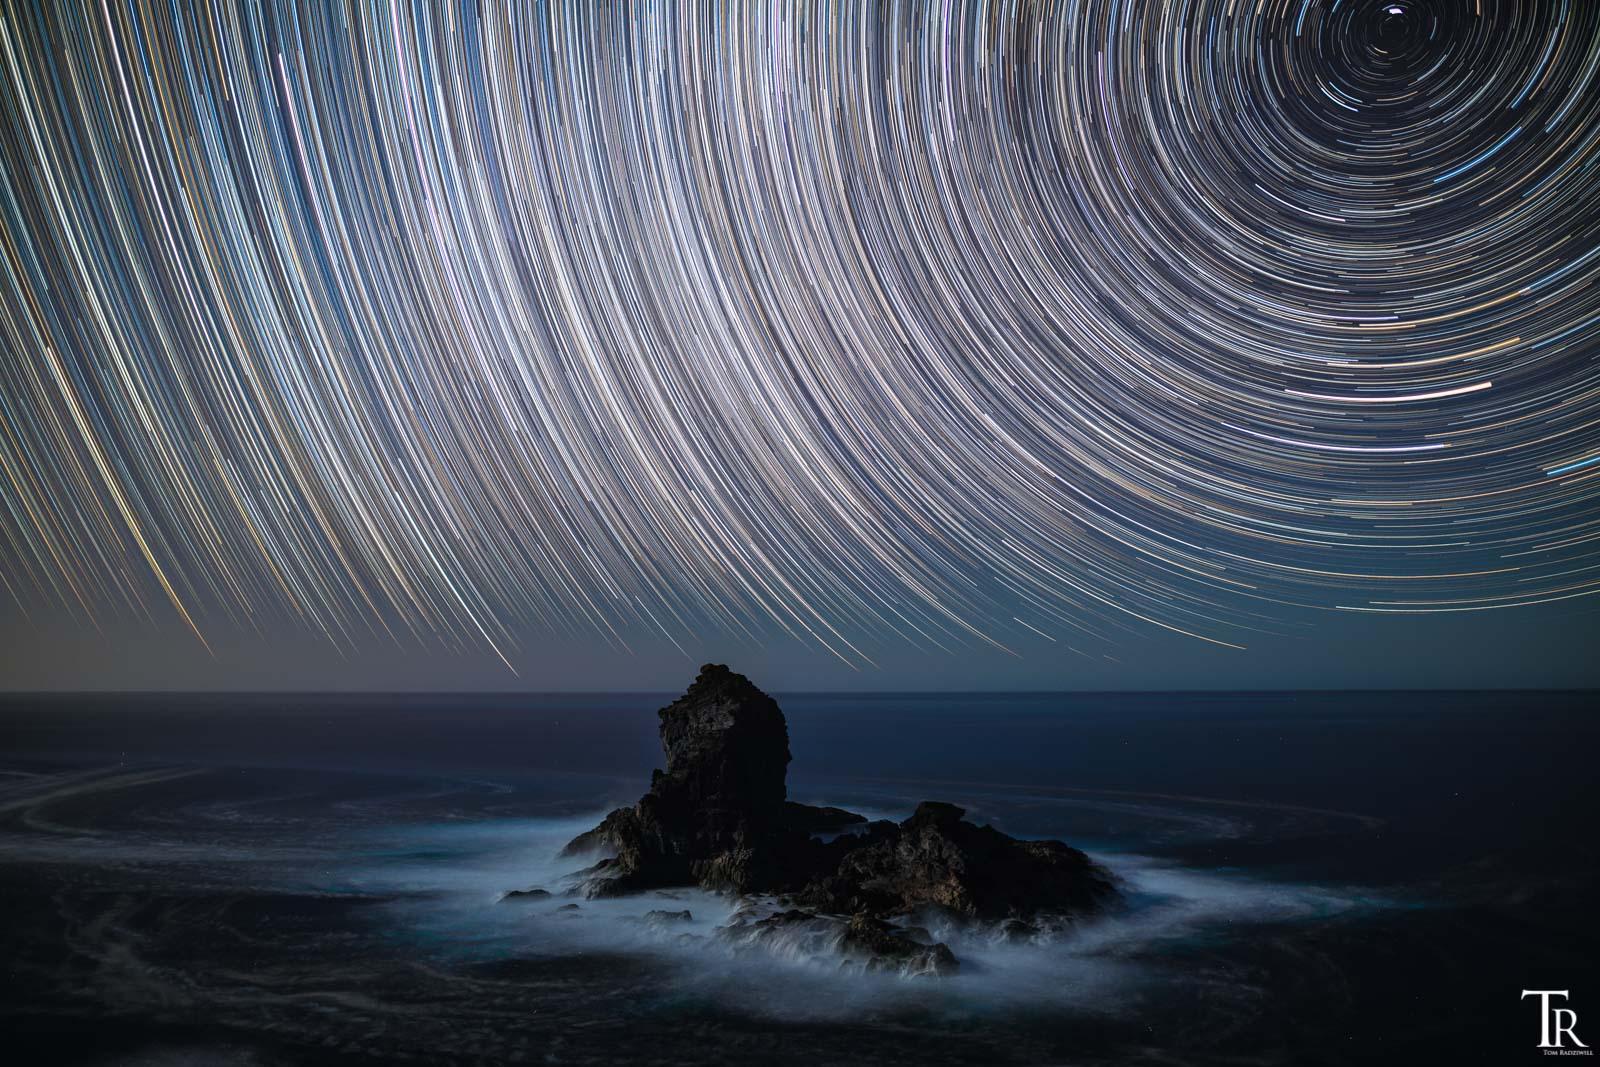 La Palma: Abenteuer Nachtfotografie an der Steilküste